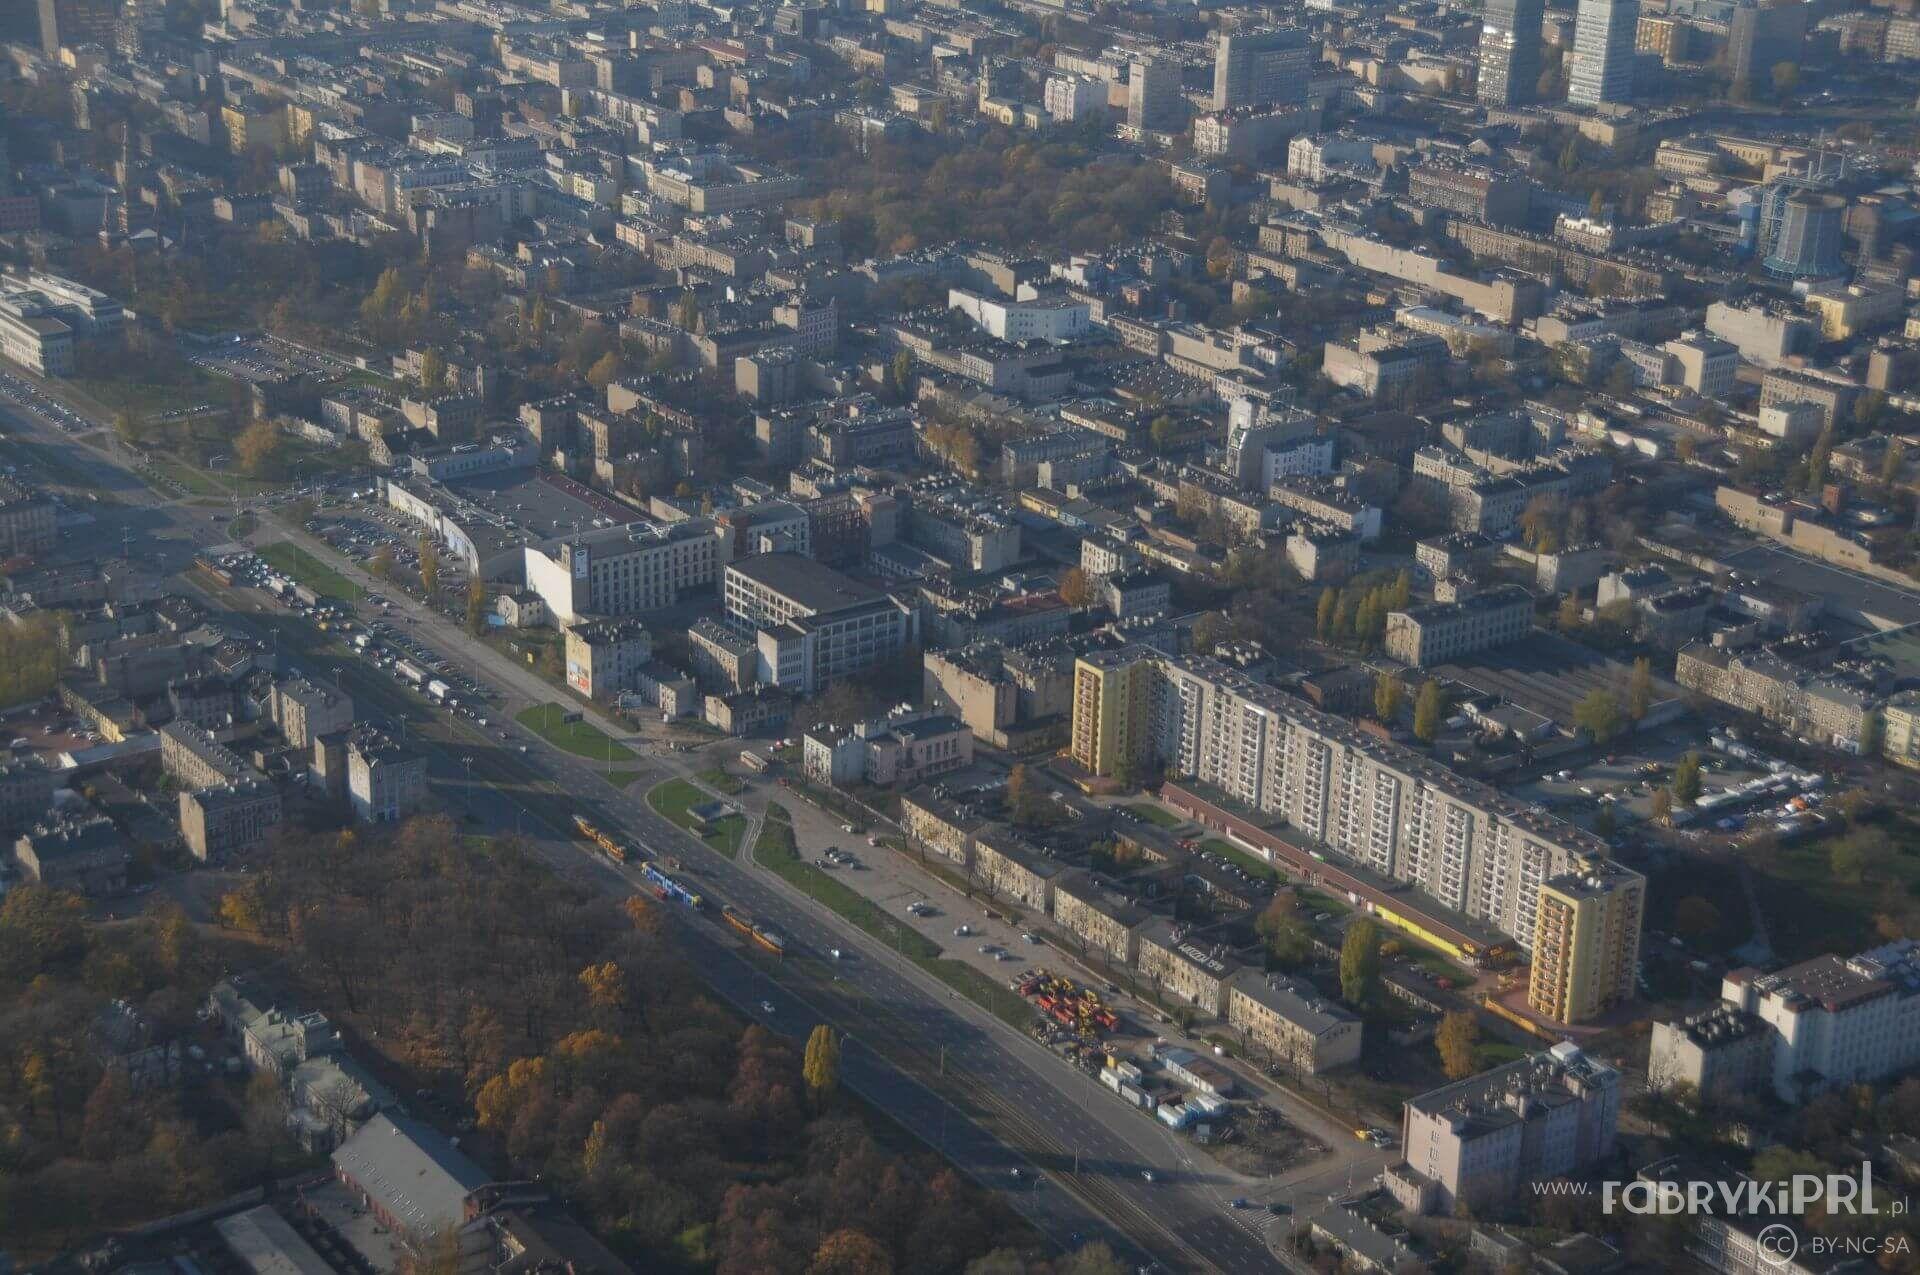 Zakłady Polino w szerokim kontekście łódzkiego śródmieścia